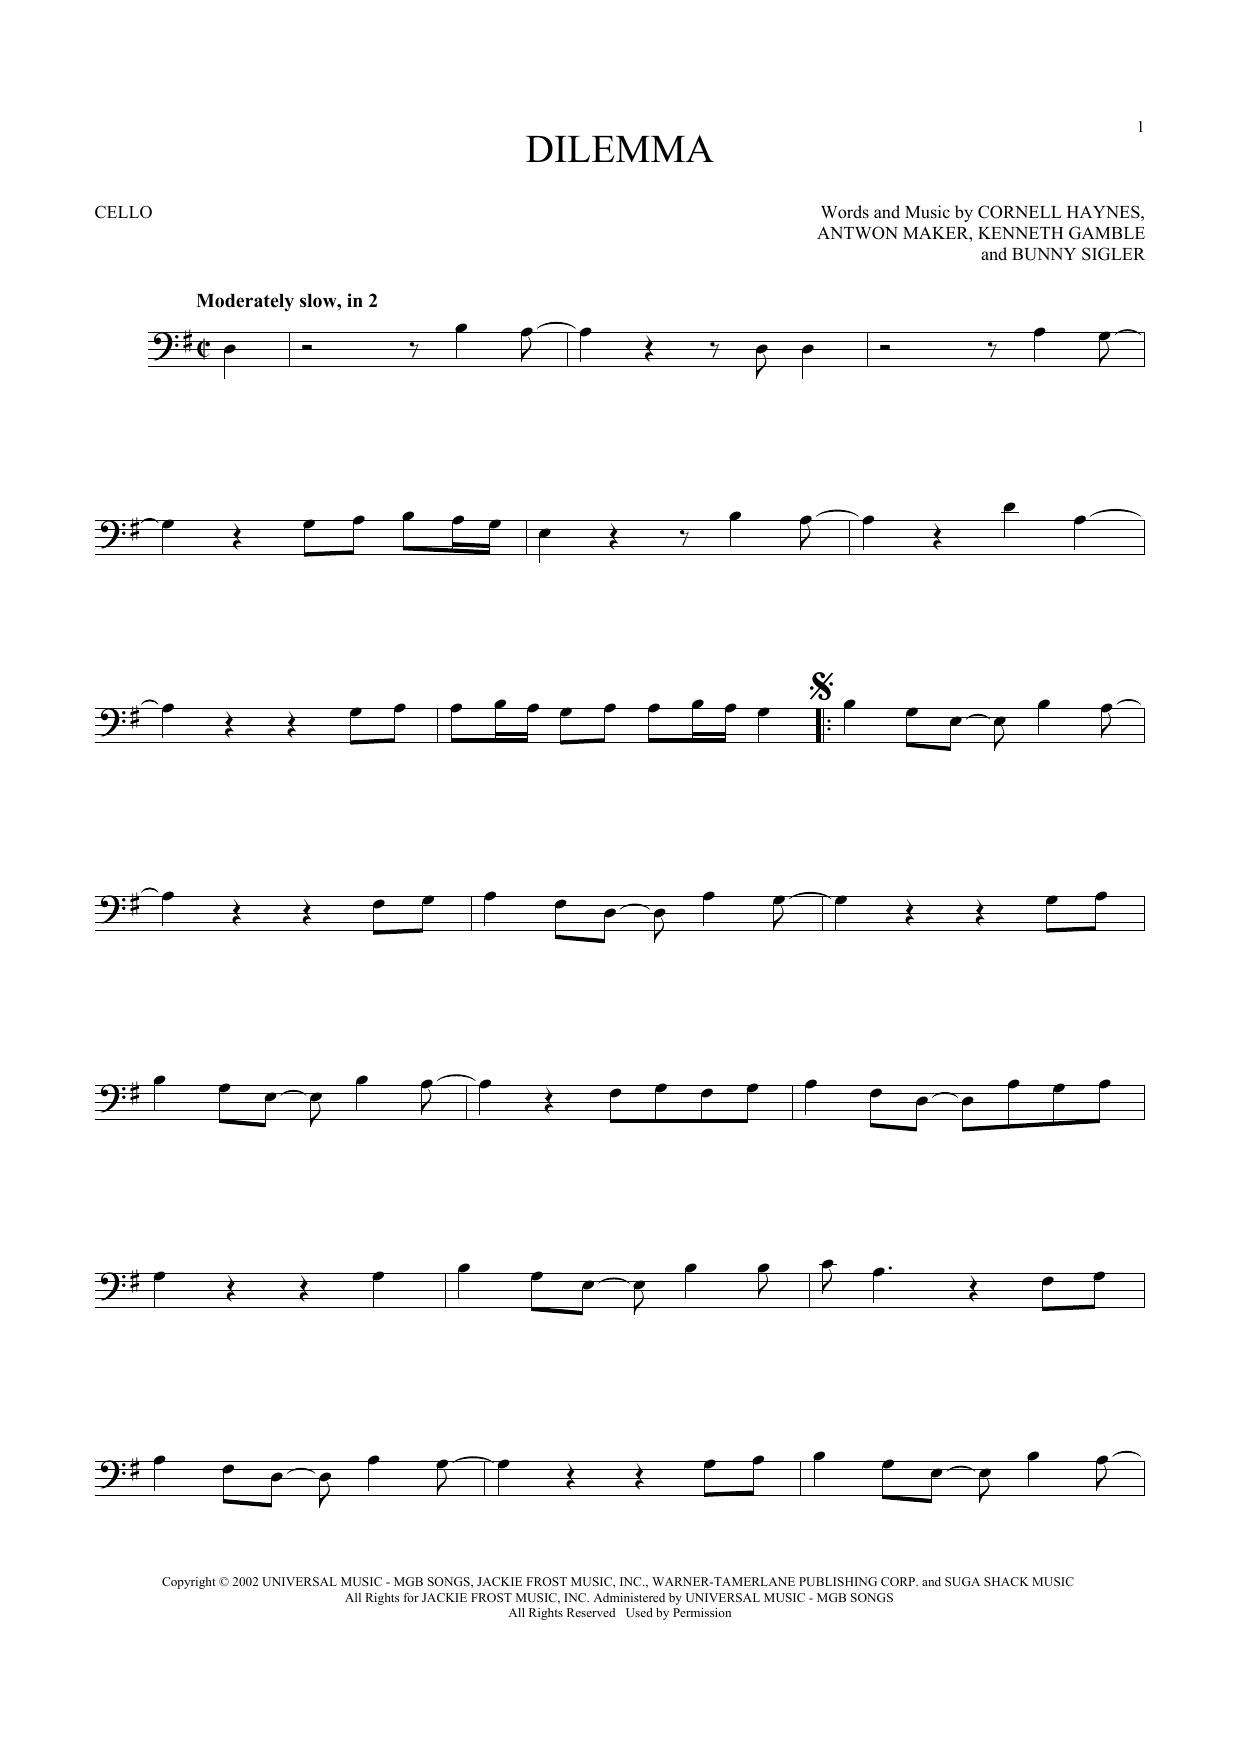 Dilemma (Cello Solo)